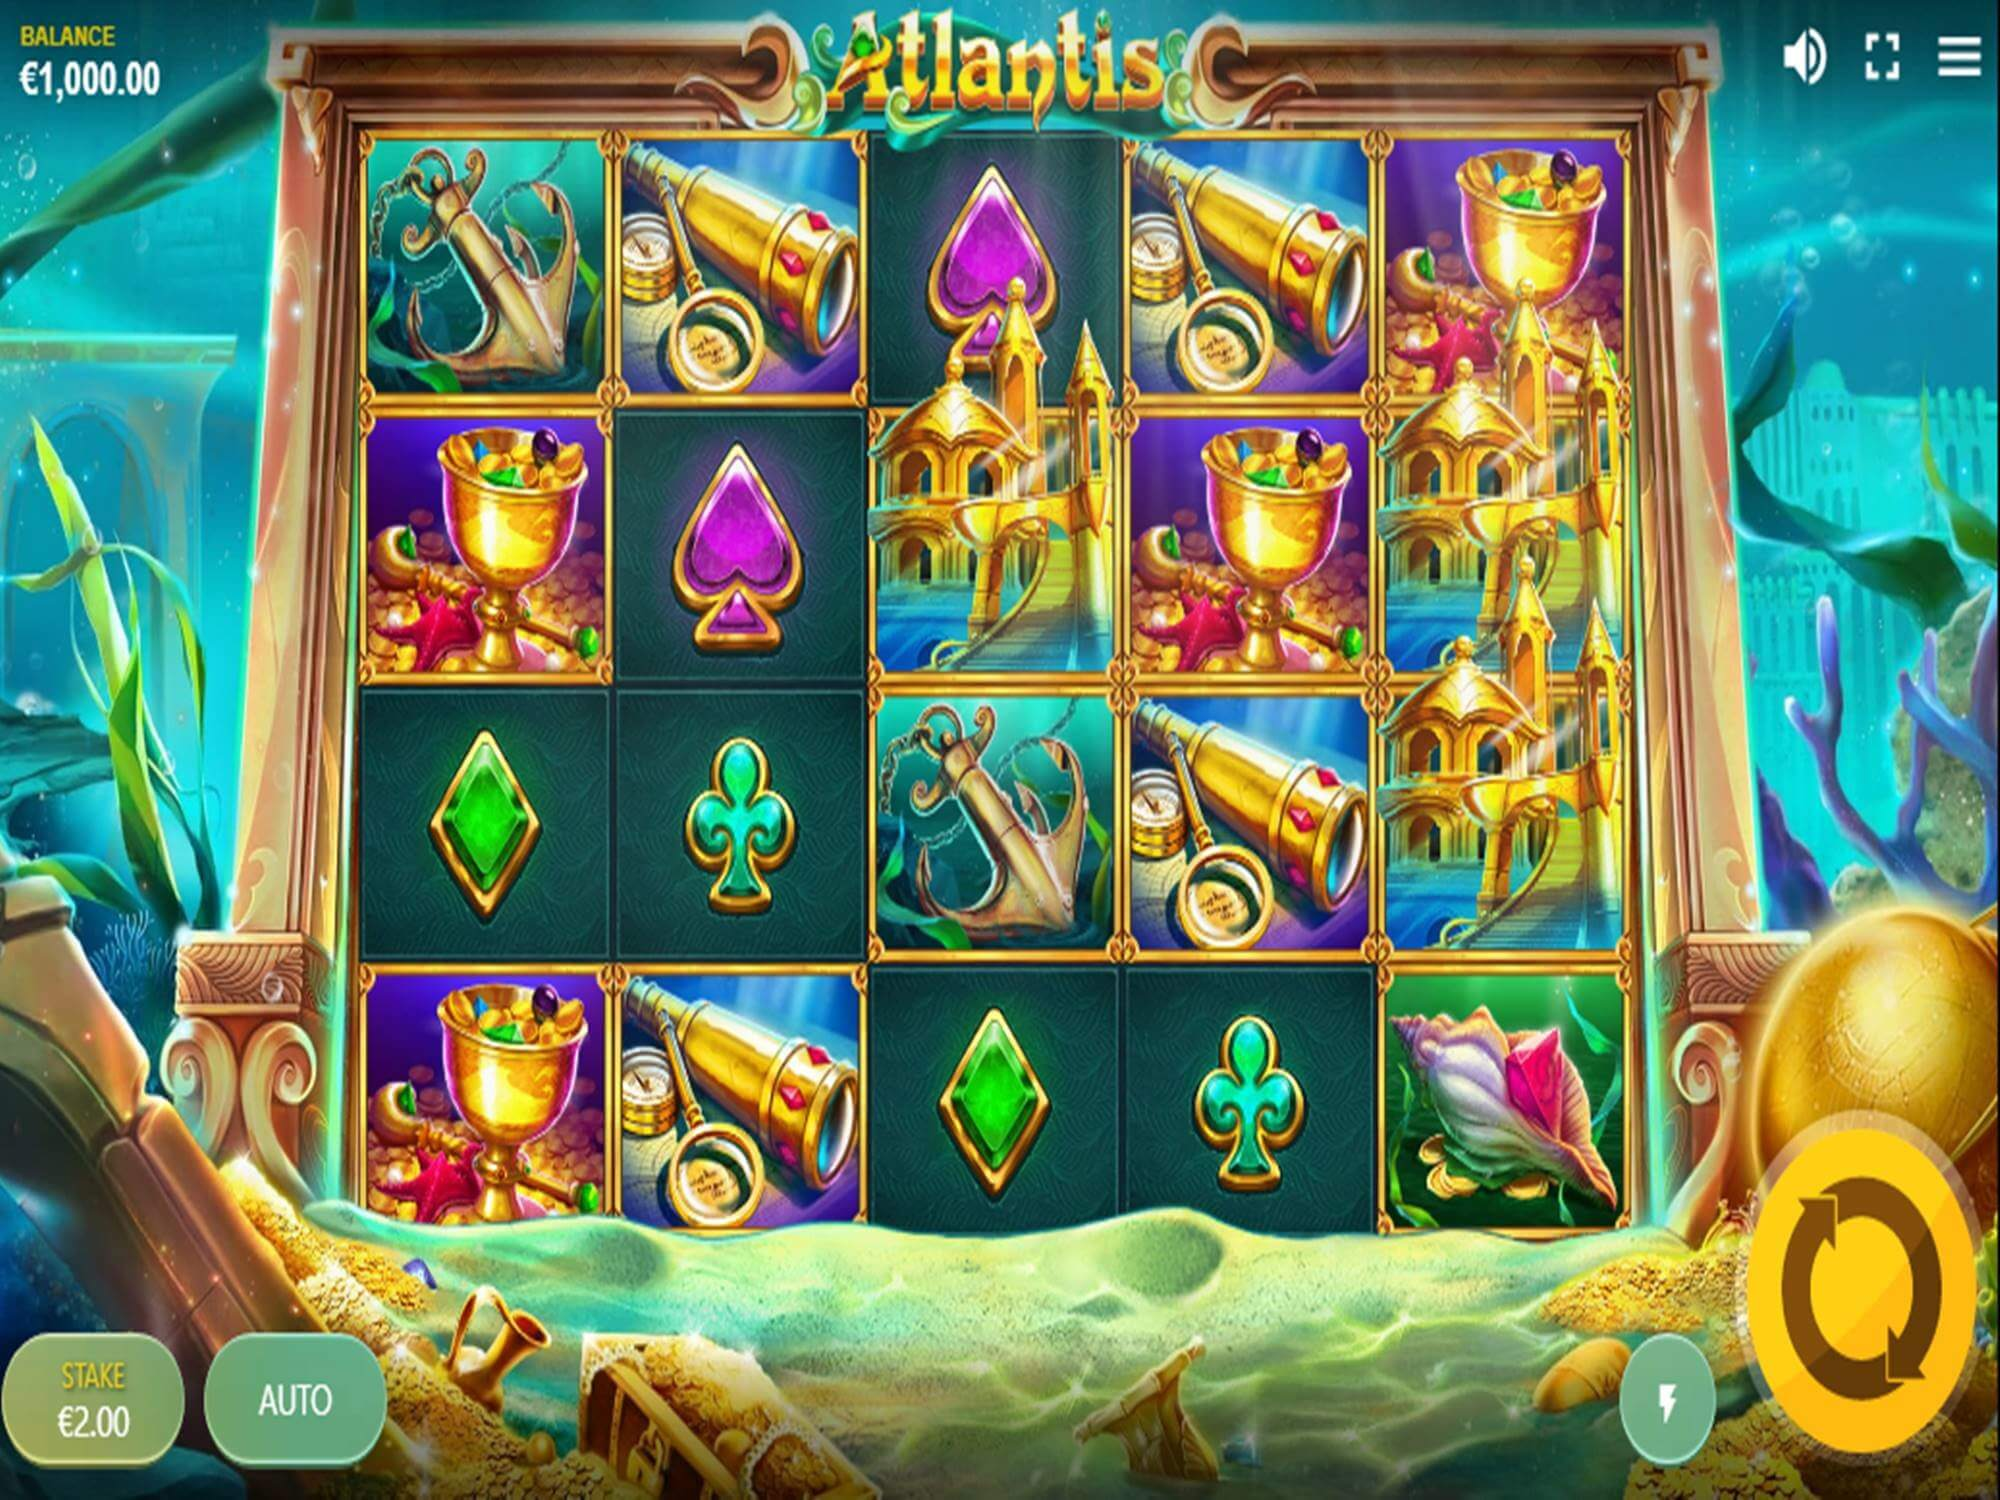 Atlantis Slot Bonus